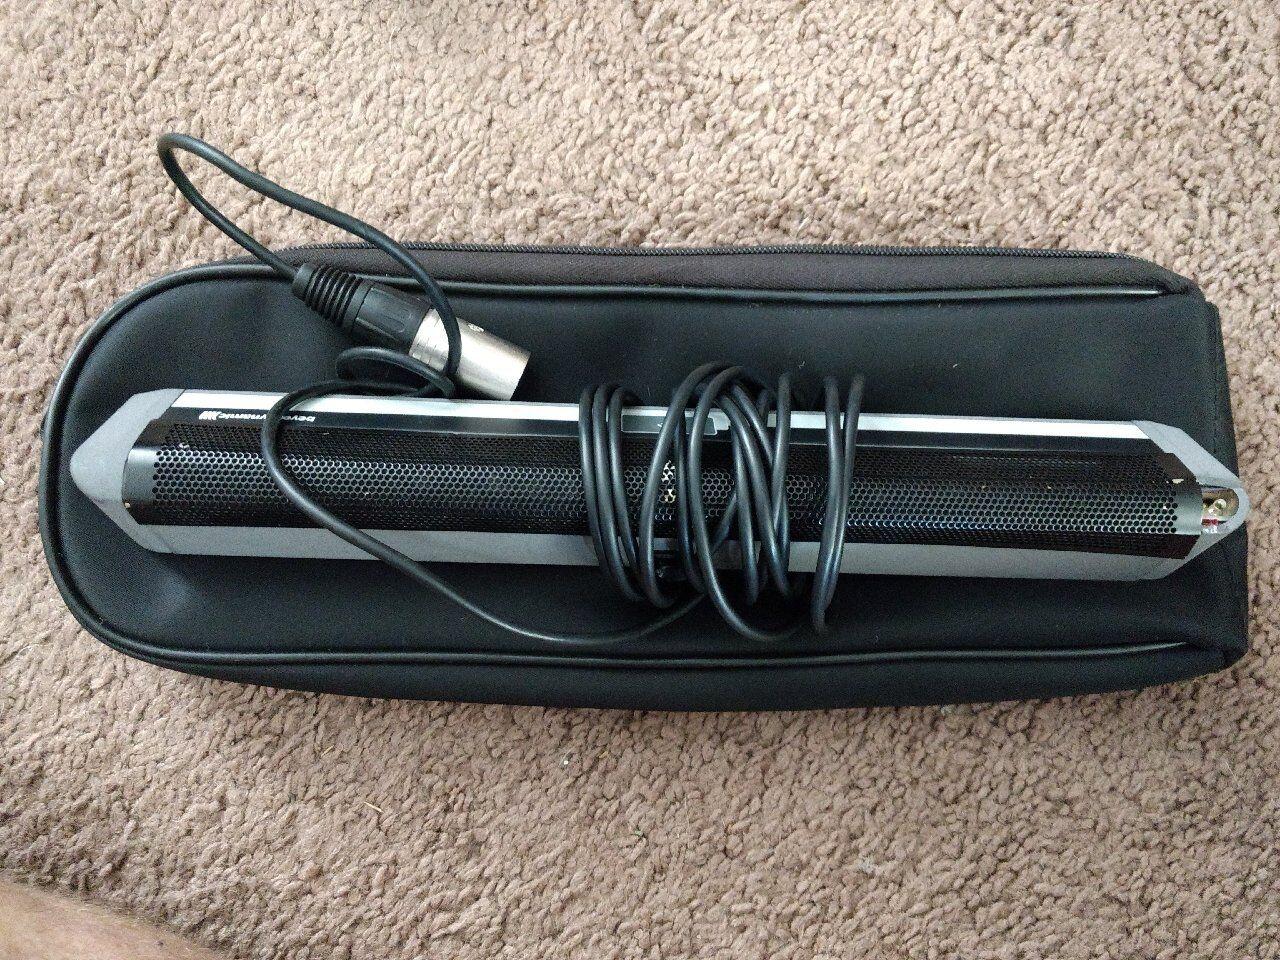 Beyerdynamic MPR 211 Desktop Microphone